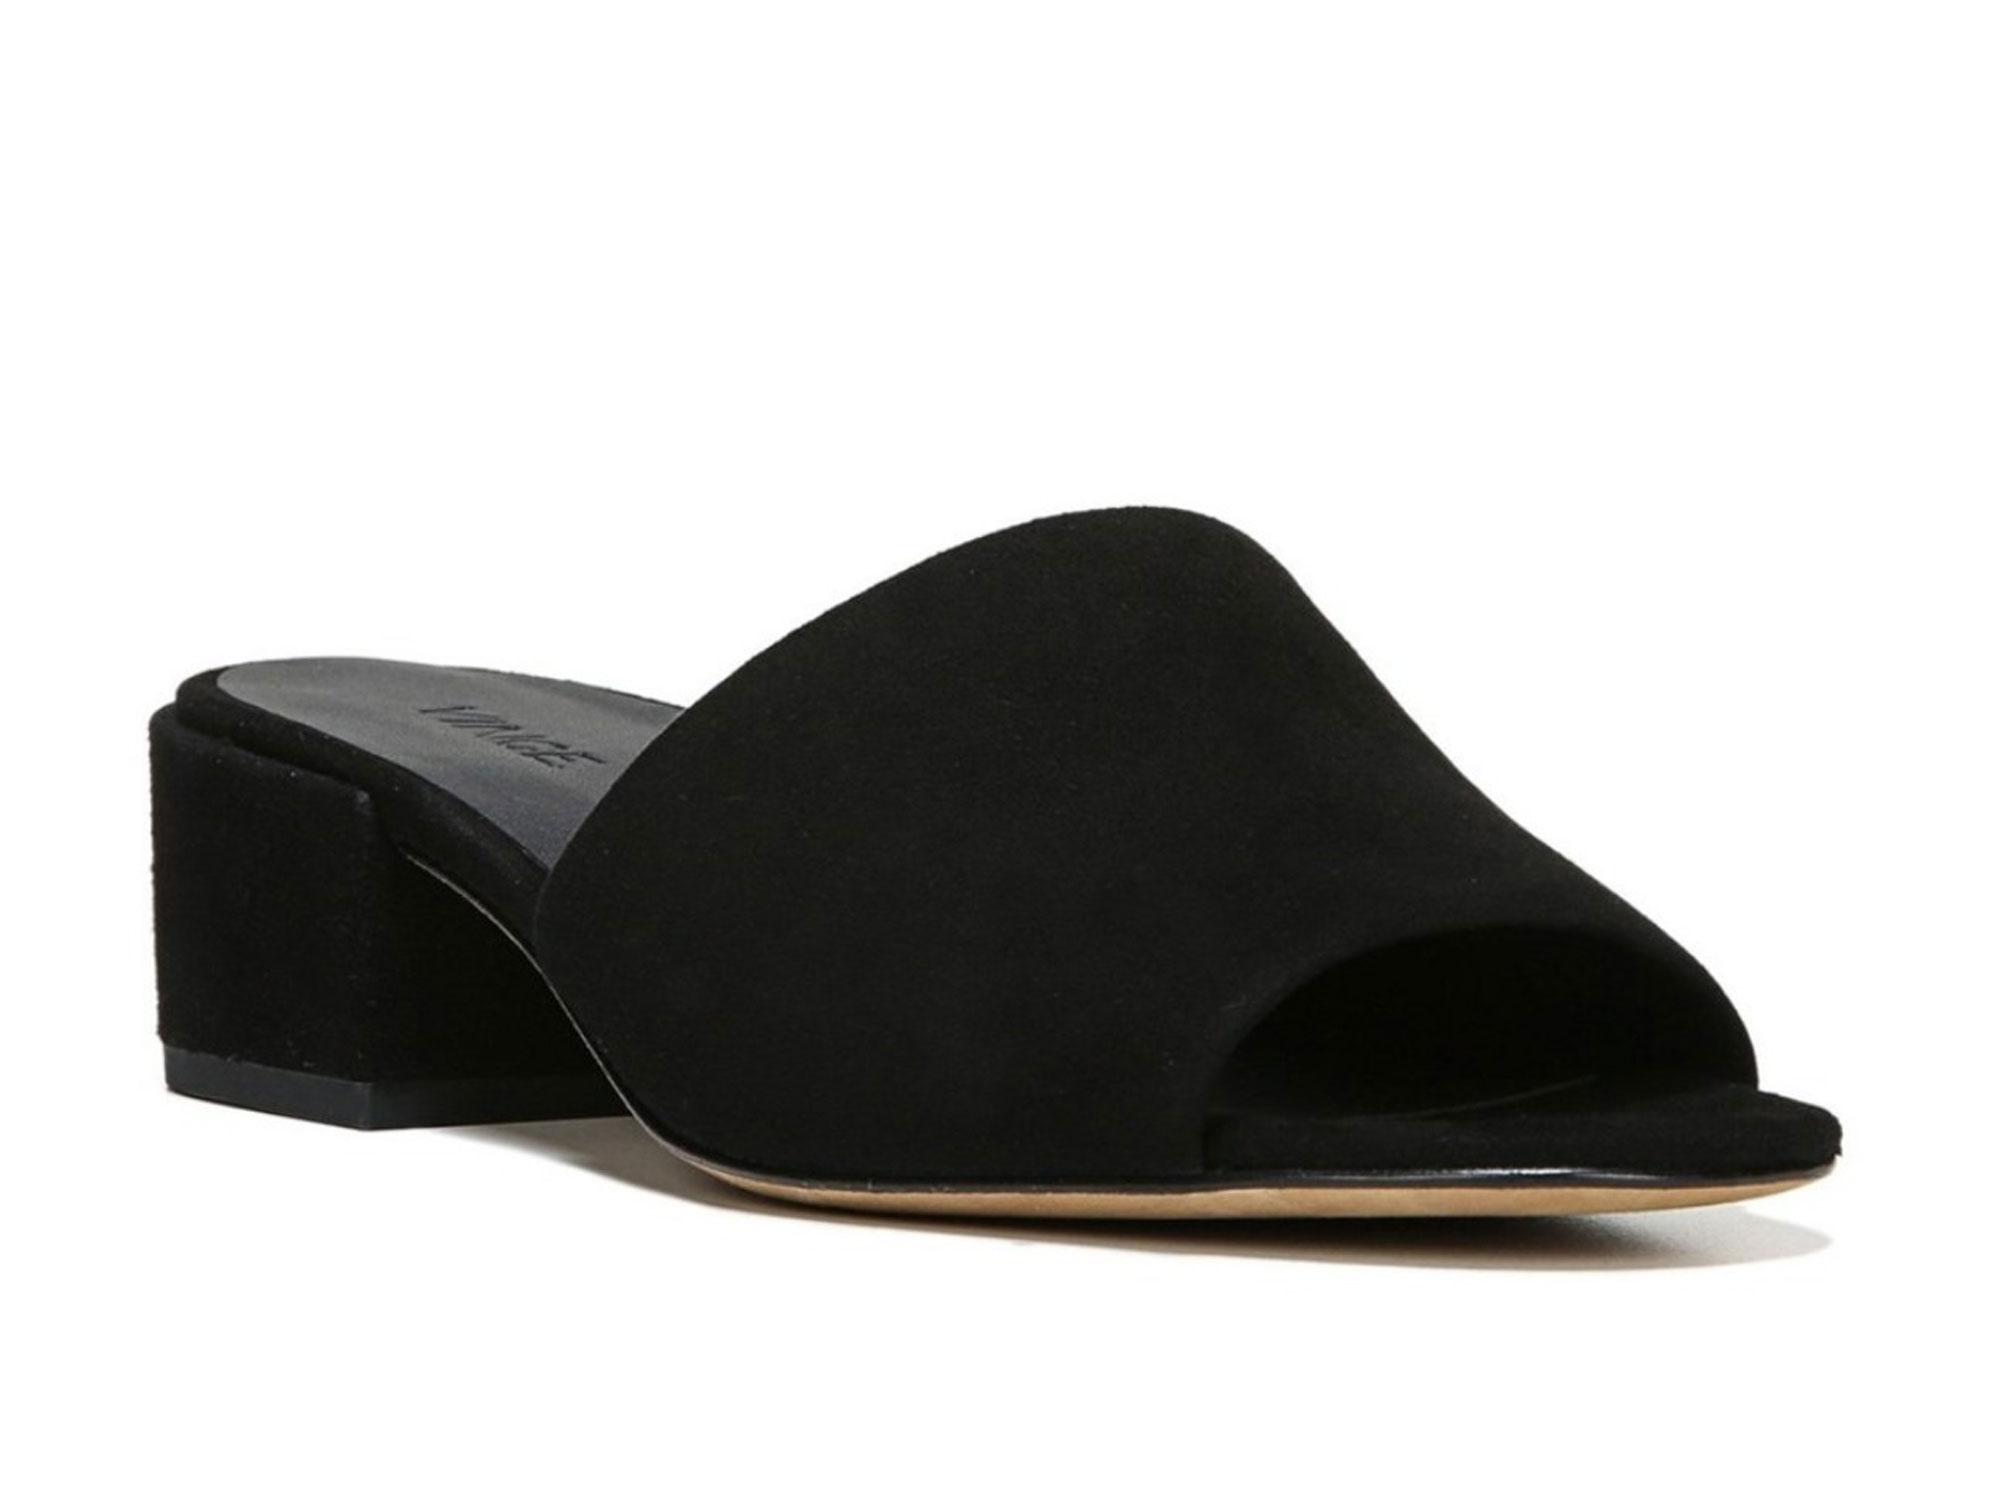 8fec7aacf16 VINCE Black Rachelle-2 Suede Slide Sandals E7815L2 Sz 5.5  275 NEW